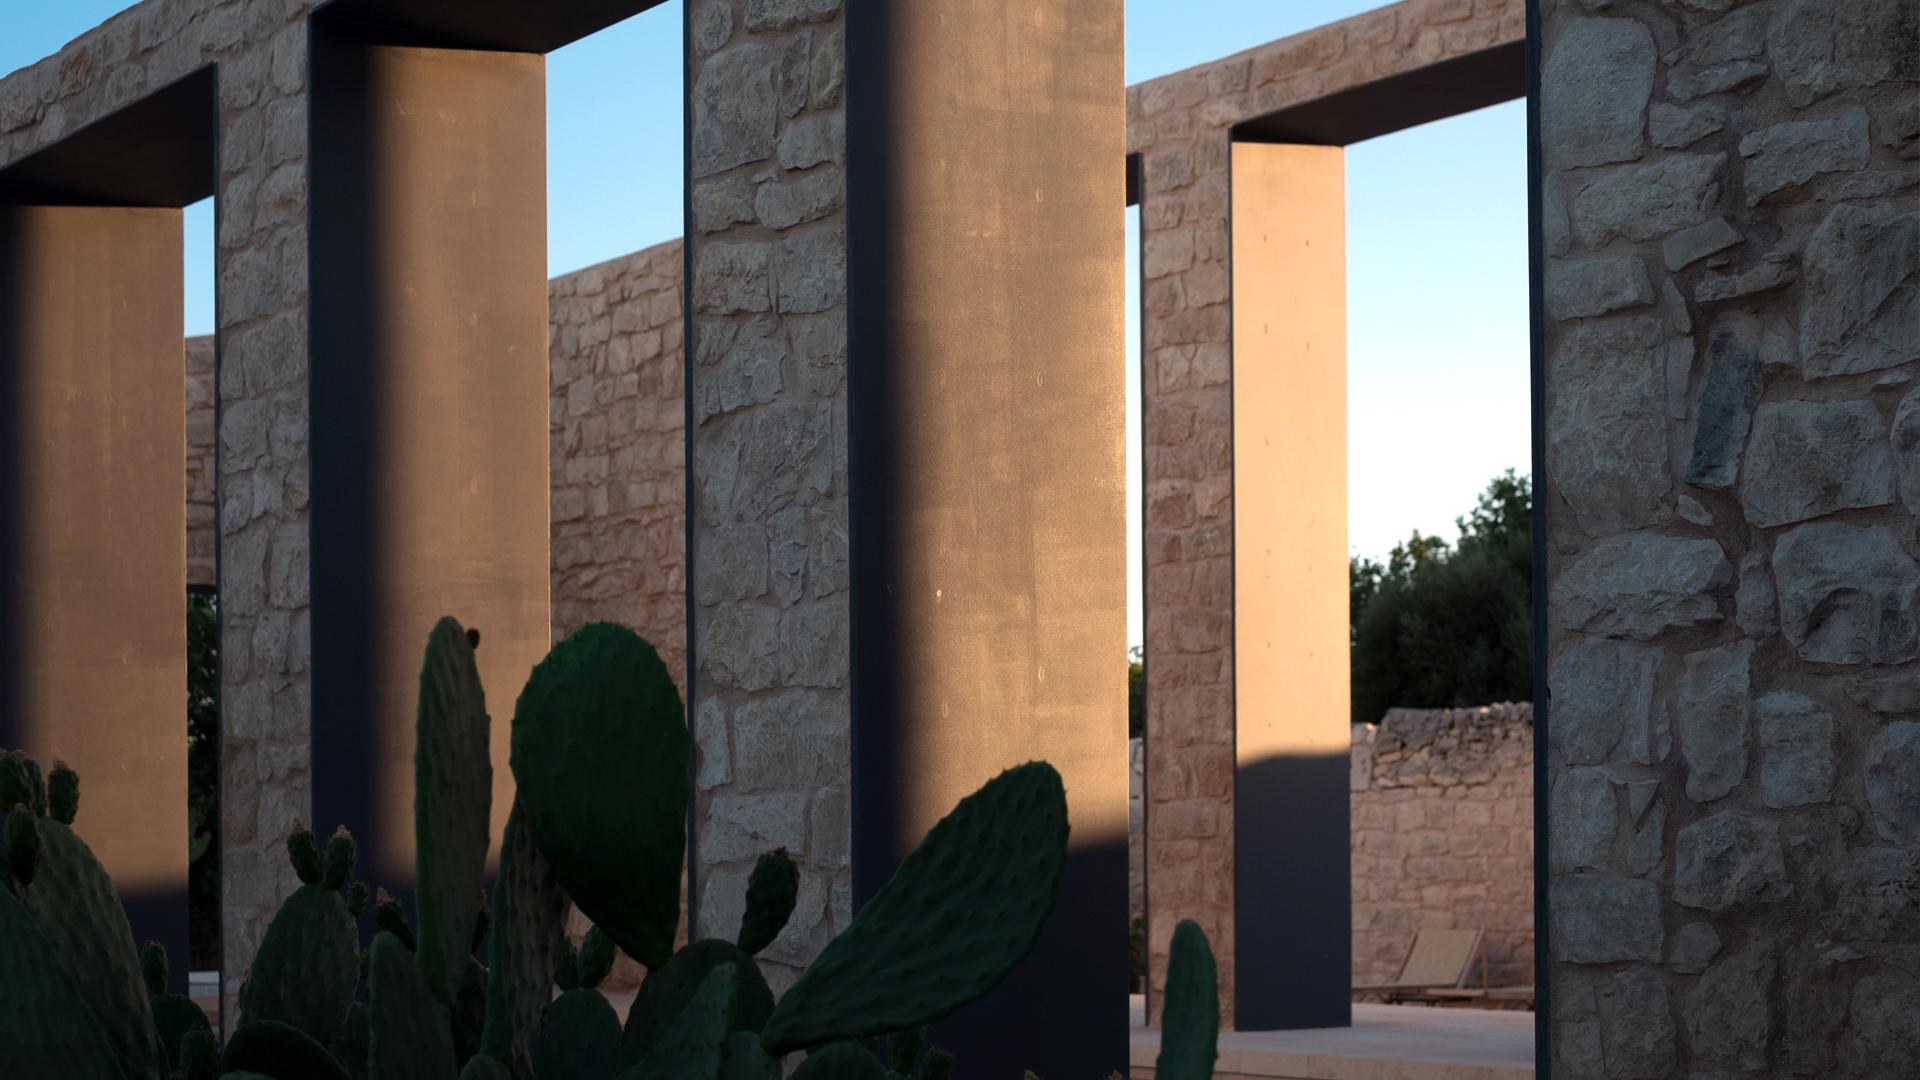 bevilacqua_architects_lachiusa_03